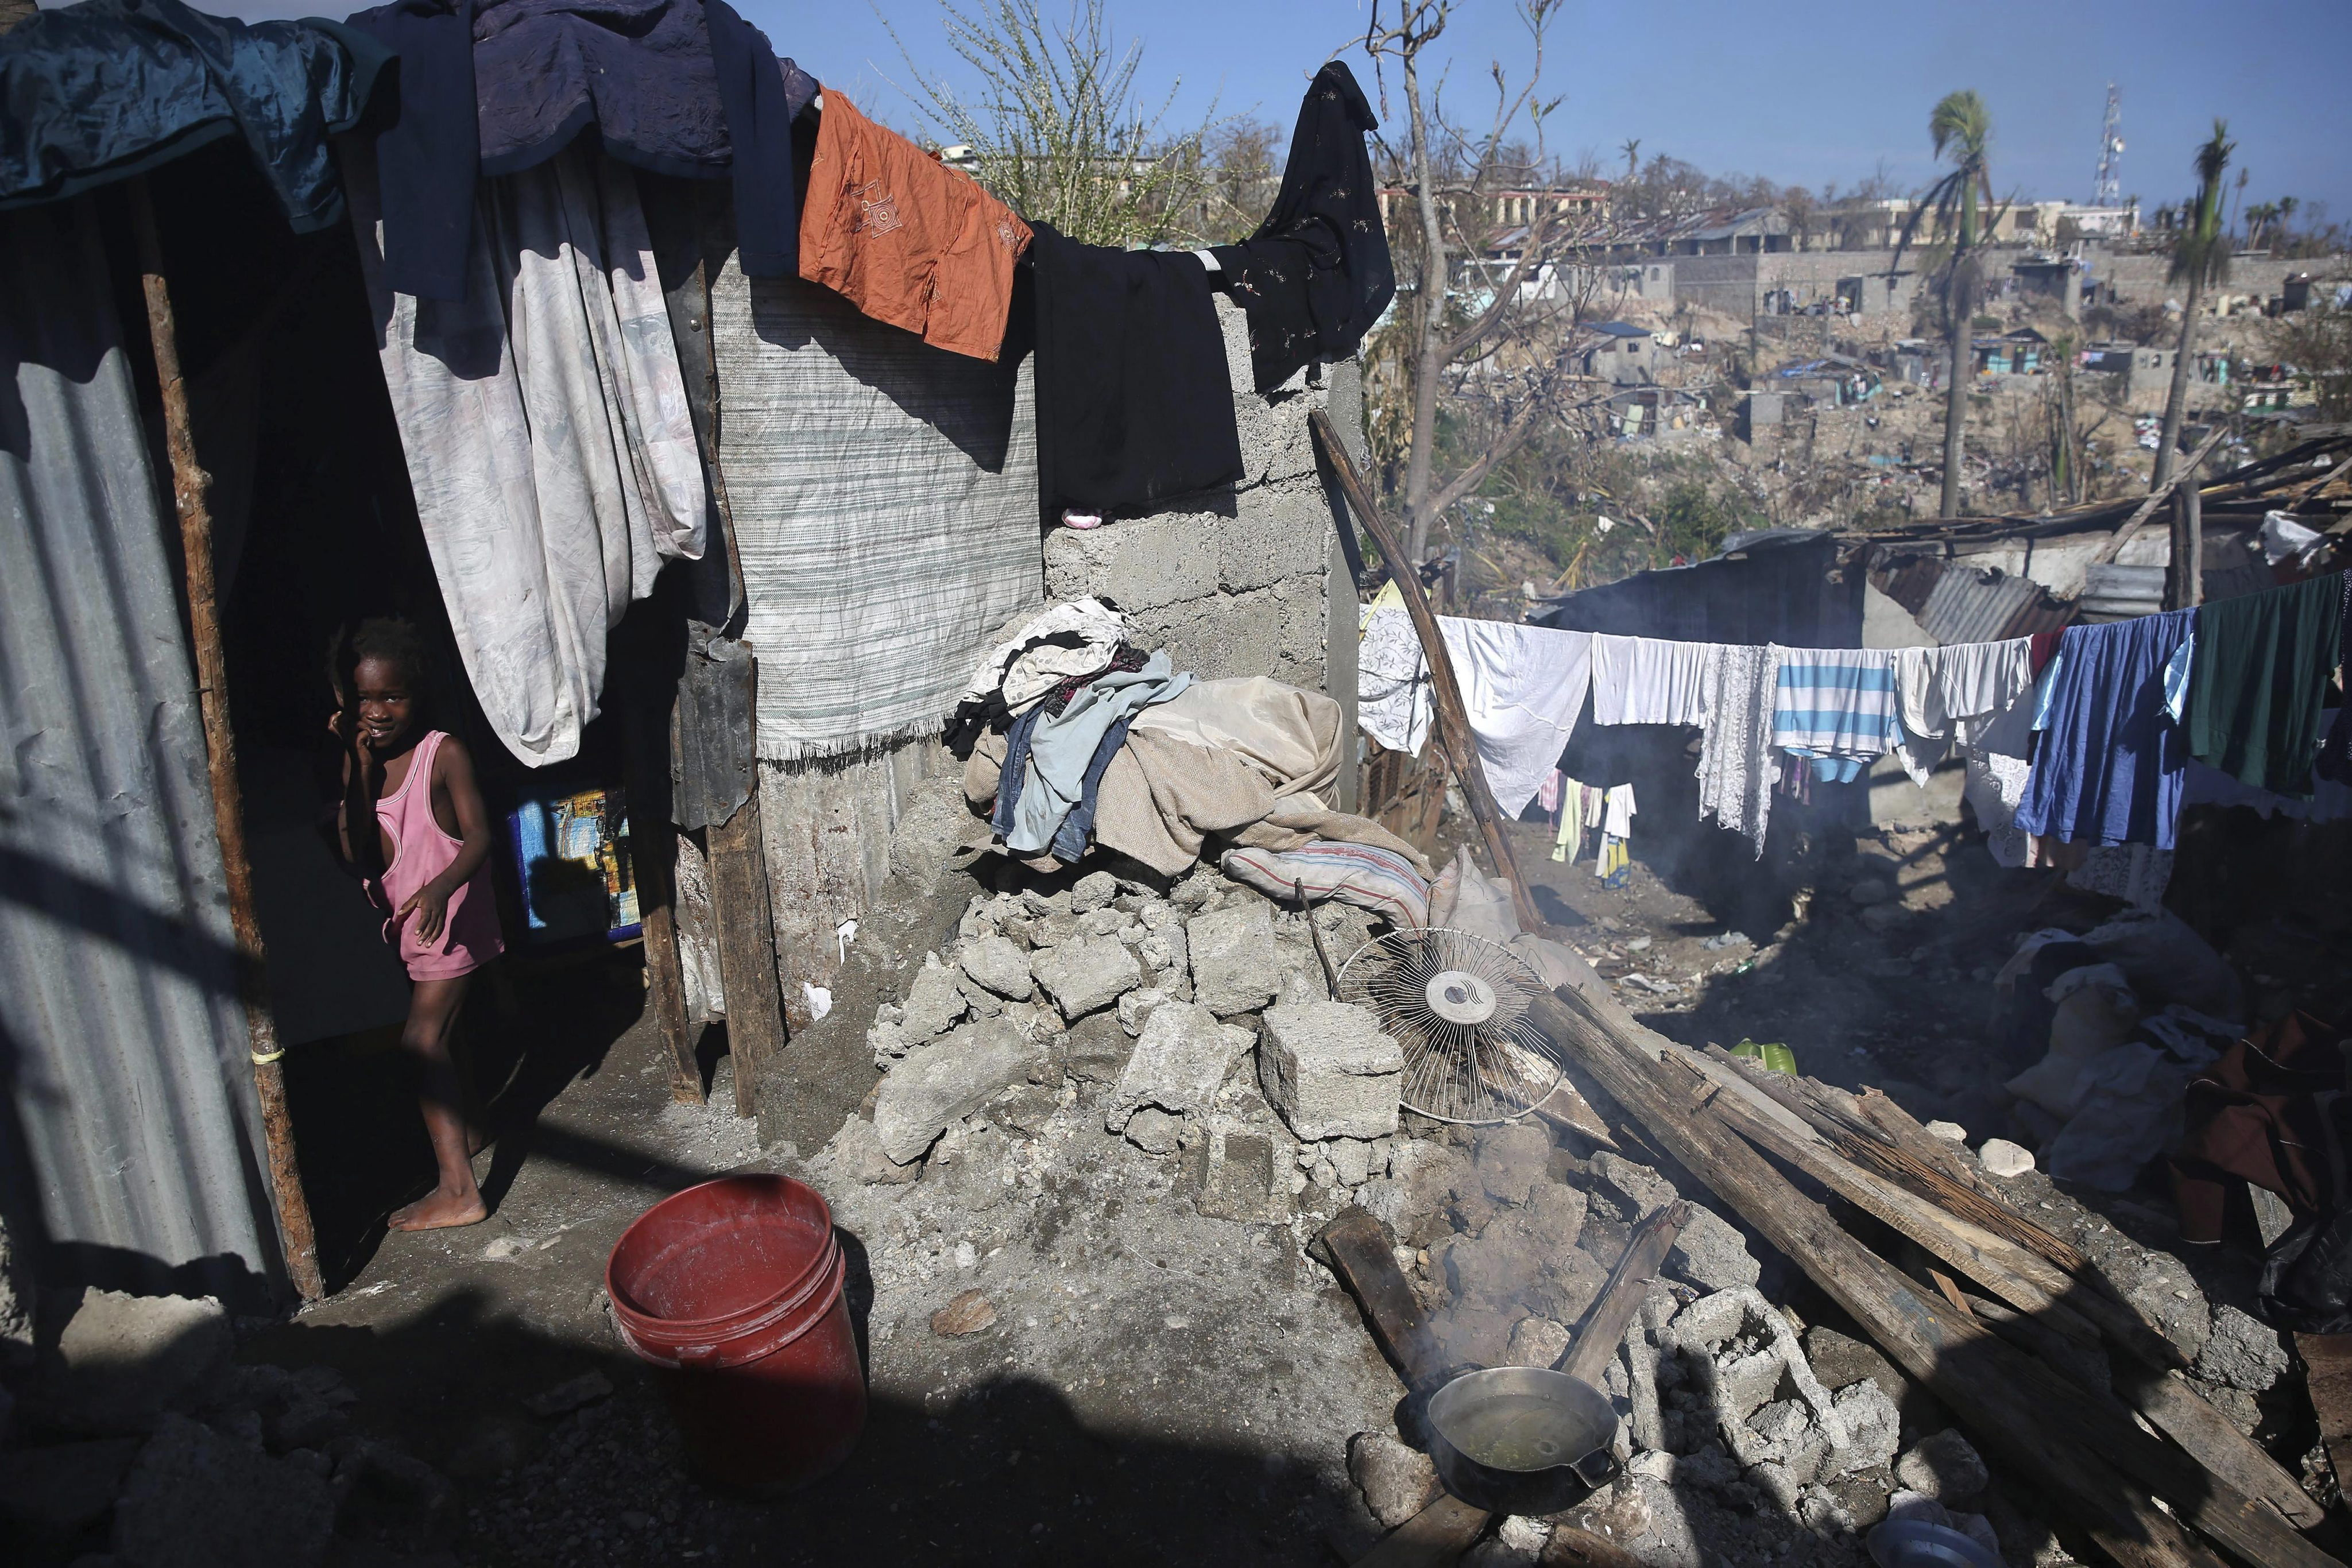 Sytuacja na Haiti nie ulega poprawie. Ludność dotknięta huraganem nie ma dostępu do wody, brakuje też jedzenia. Są przypadki osób z symptomami cholery.